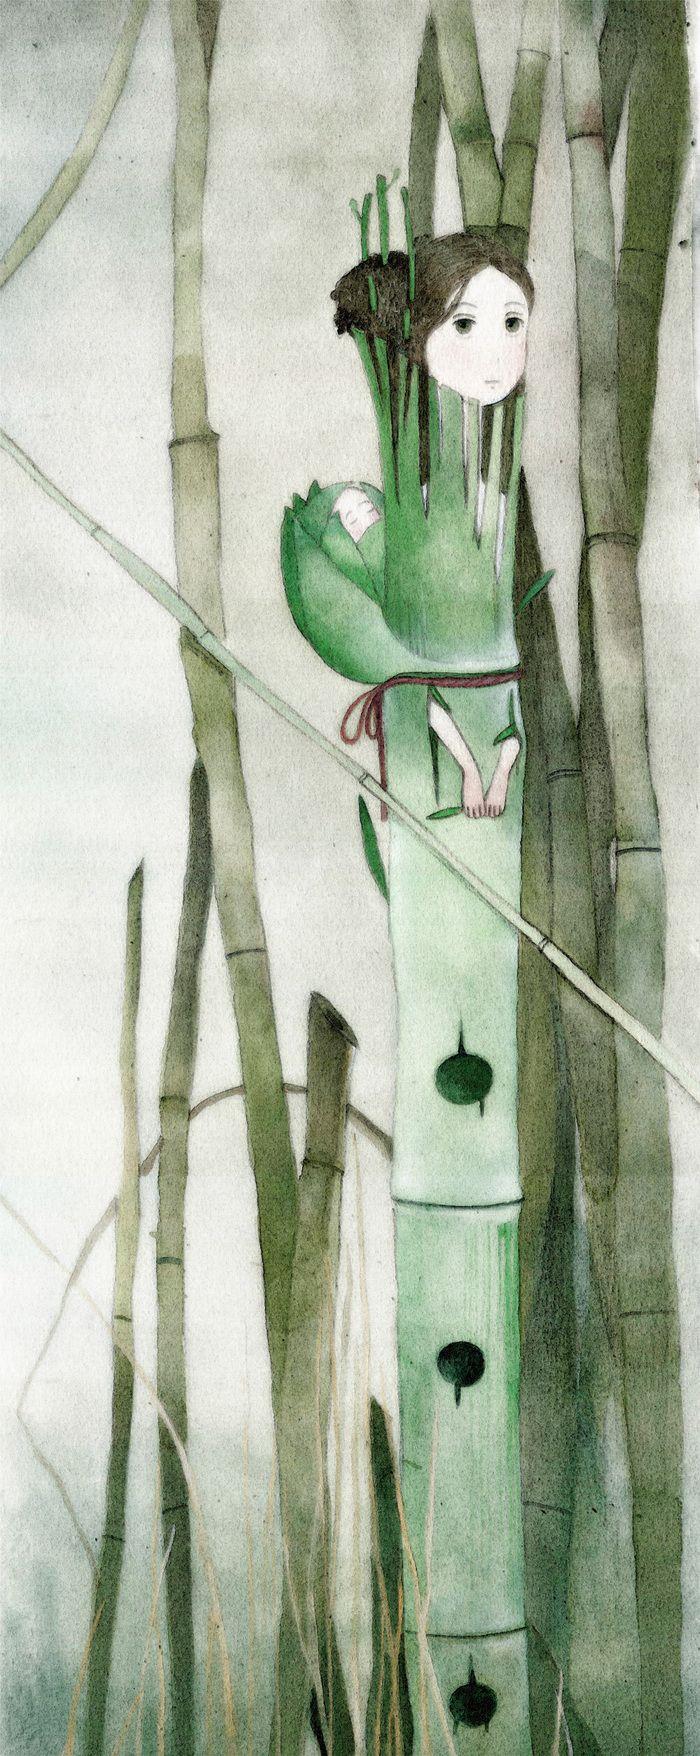 """Посмотреть иллюстрацию Татьяна Булгакова - """"Тростниковая флейта в два голоса""""."""